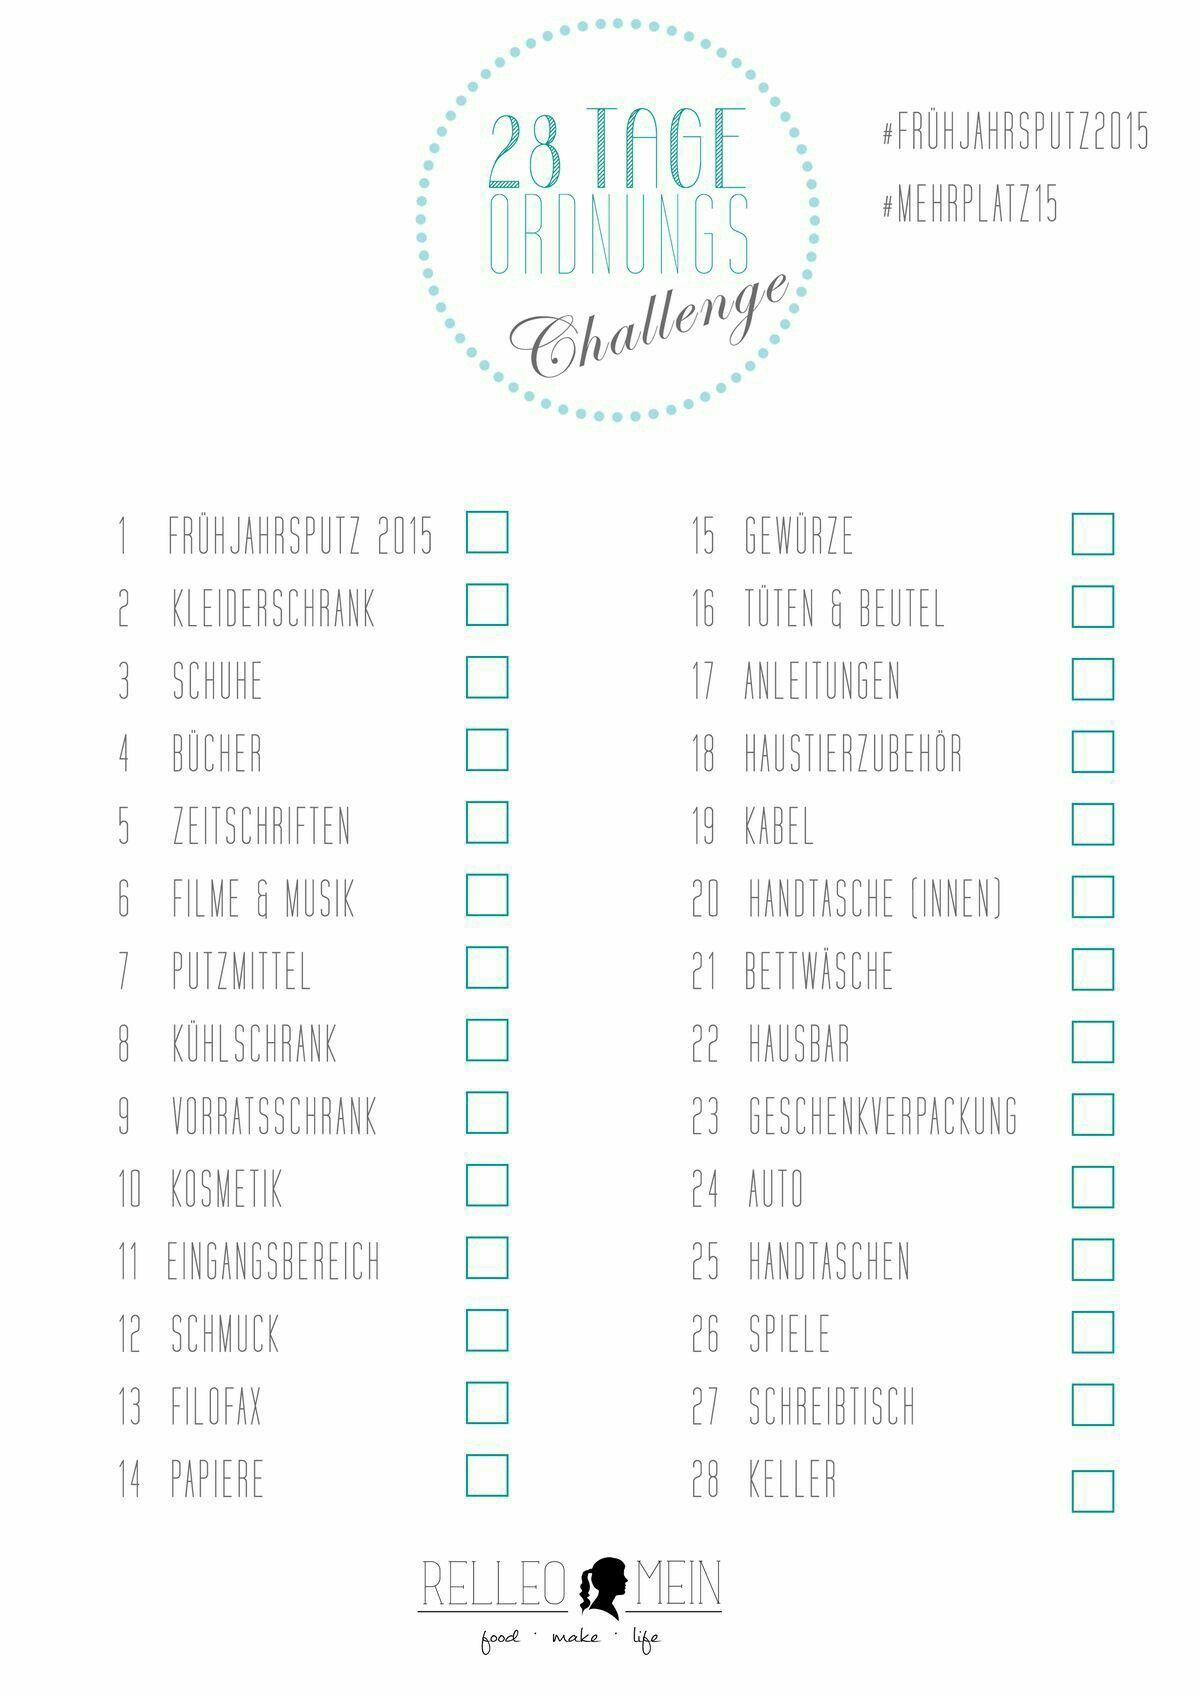 ordnung schaffen in 28 tagen checkliste haushalt startklar ideen pinterest haushalt. Black Bedroom Furniture Sets. Home Design Ideas